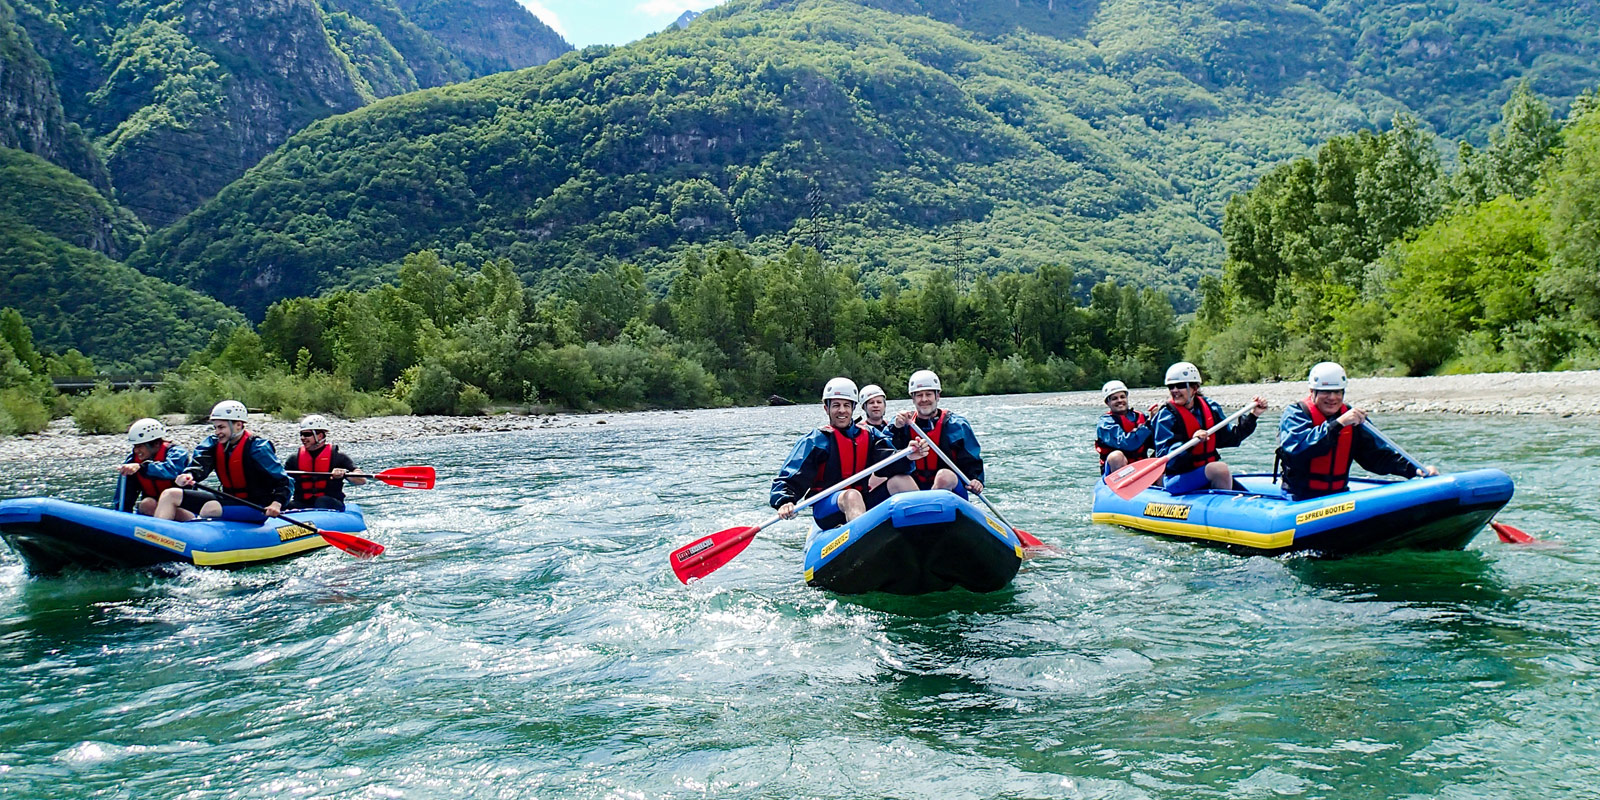 rafting-adults-group-activity-ticino-adventures-outdoor-activities-hero-1